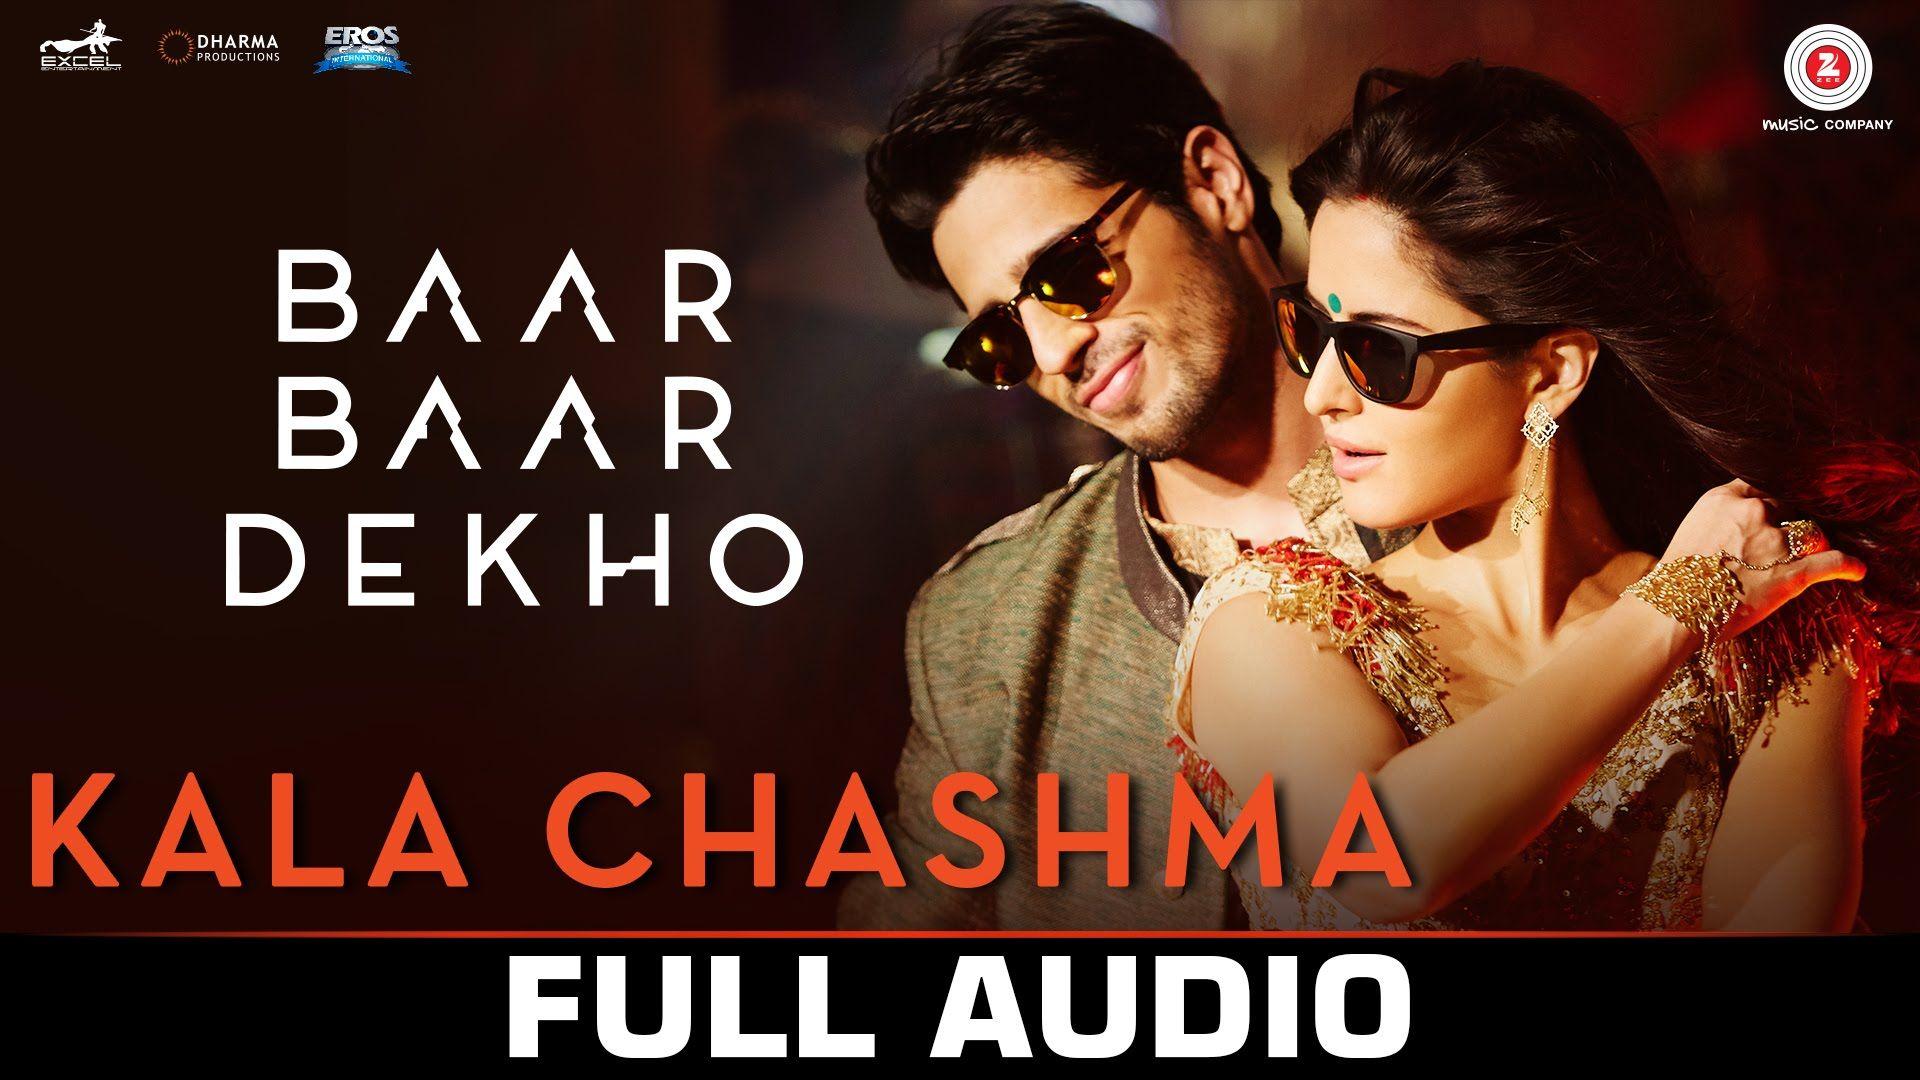 Kala Chashma Full Song Baar Baar Dekho Sidharth Malhotra